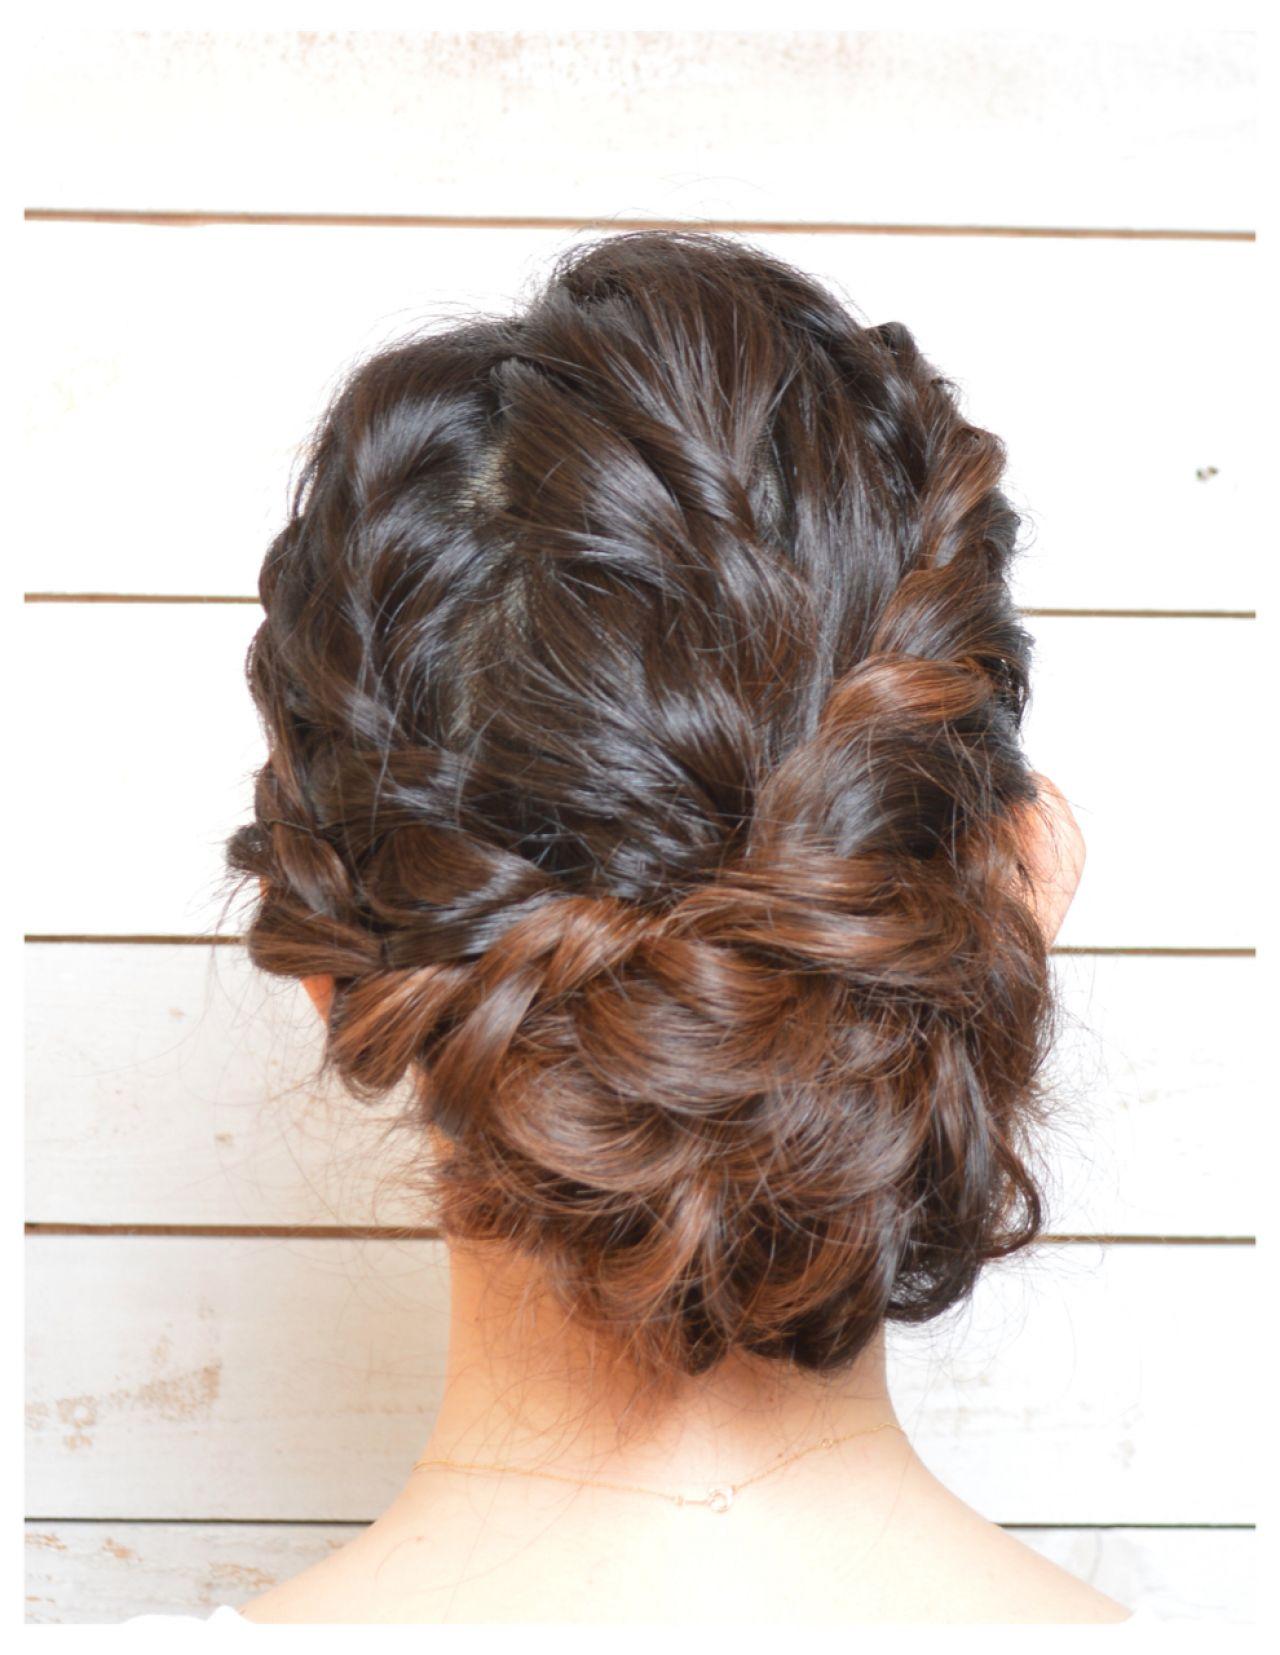 大人かわいい 編み込み パーティ ねじり ヘアスタイルや髪型の写真・画像